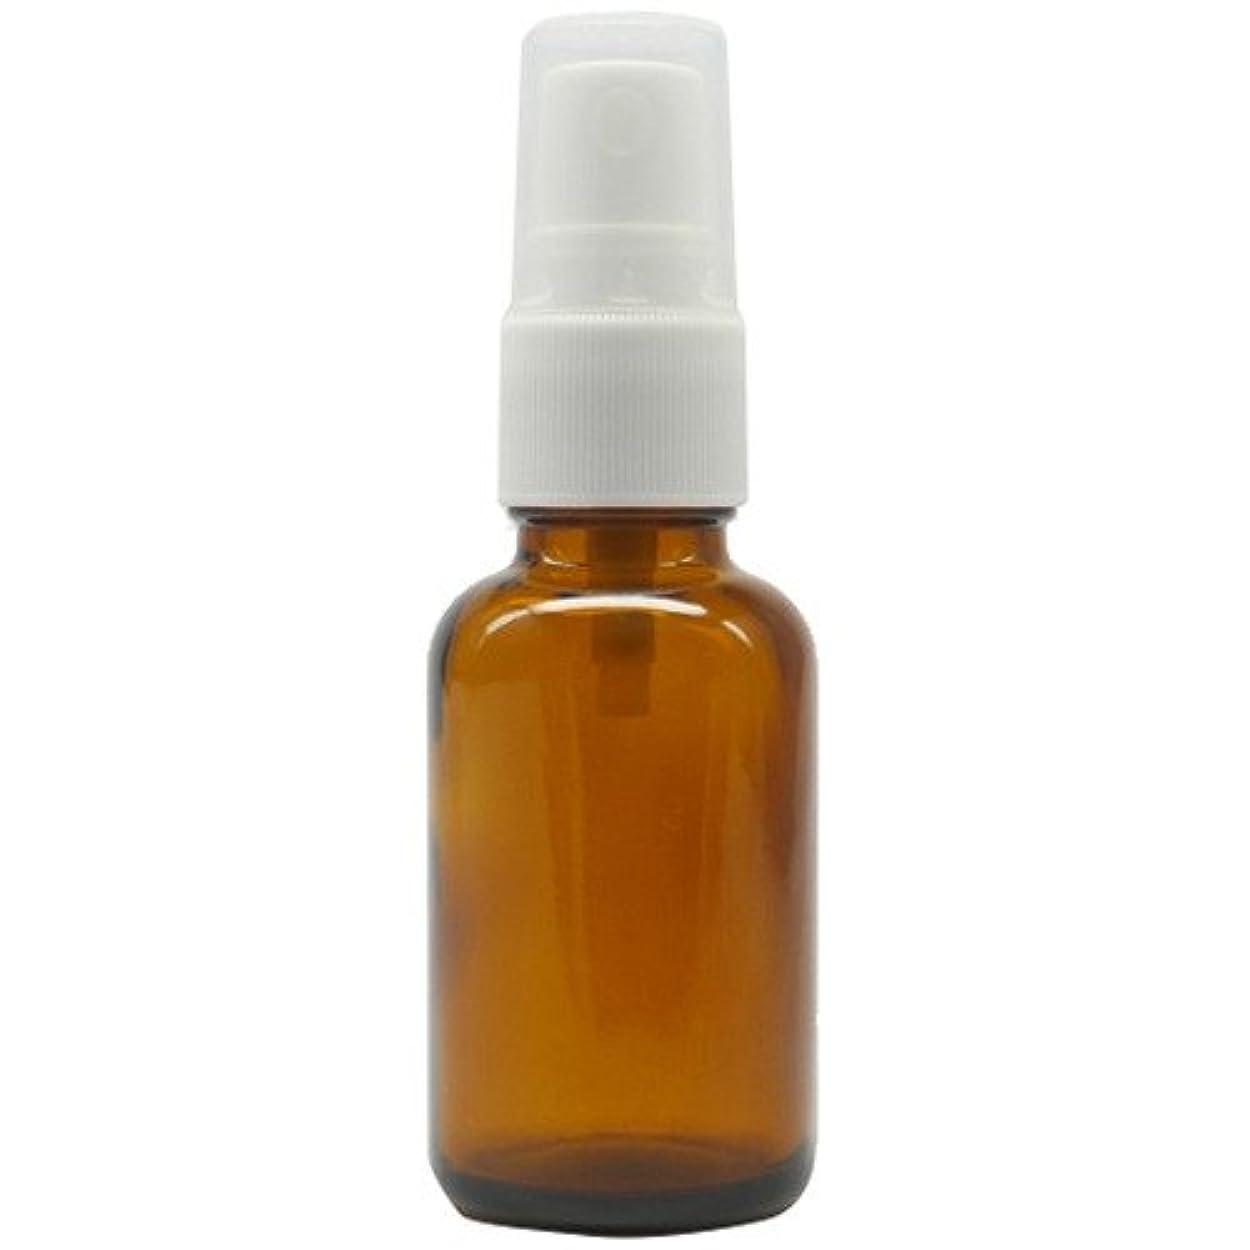 削減本質的ではない引き受けるアロマアンドライフ (D)茶褐色スプレー瓶30ml 3本セット